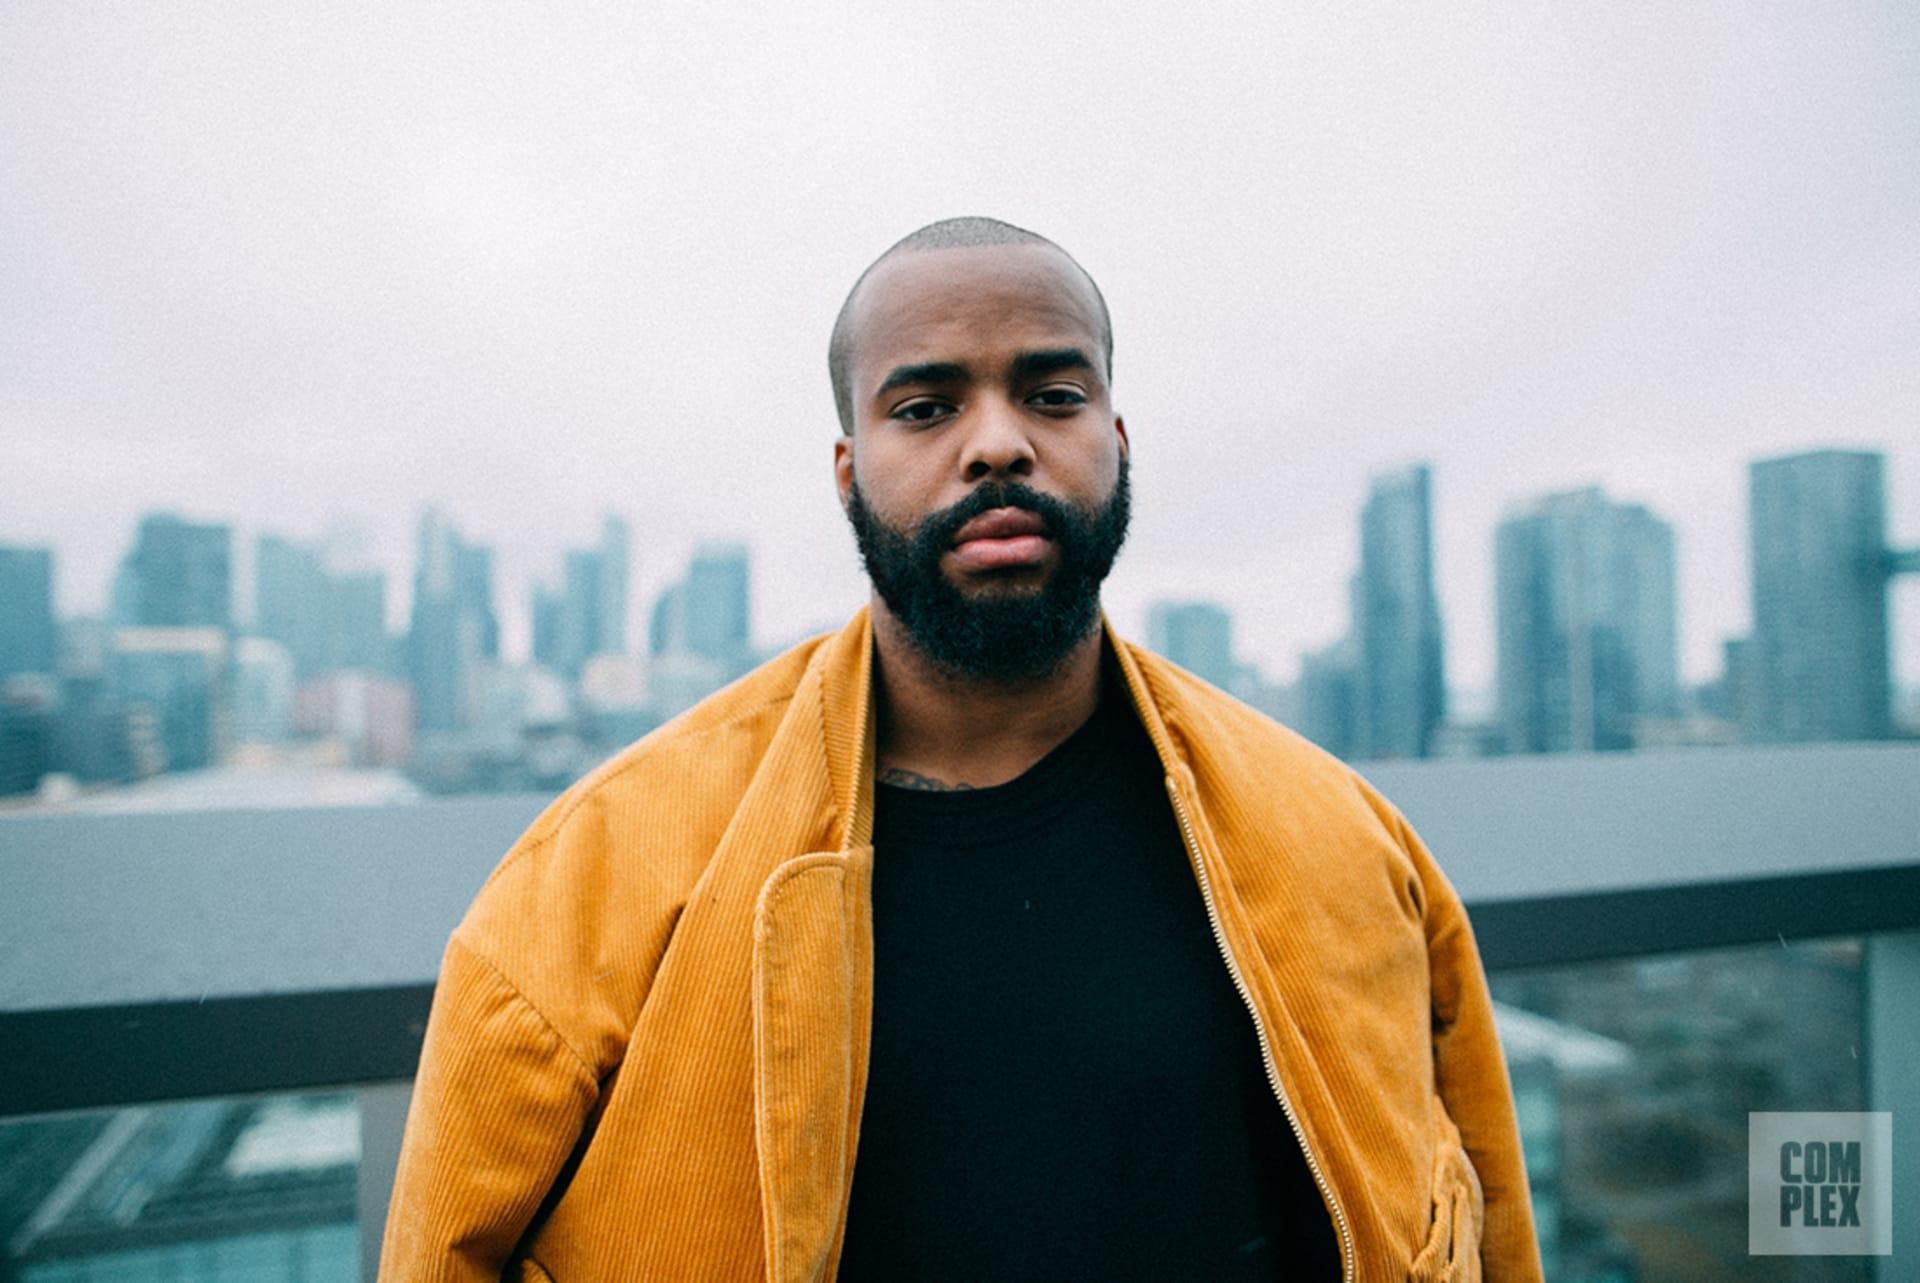 La Mar Taylor, The Weeknd's creative director